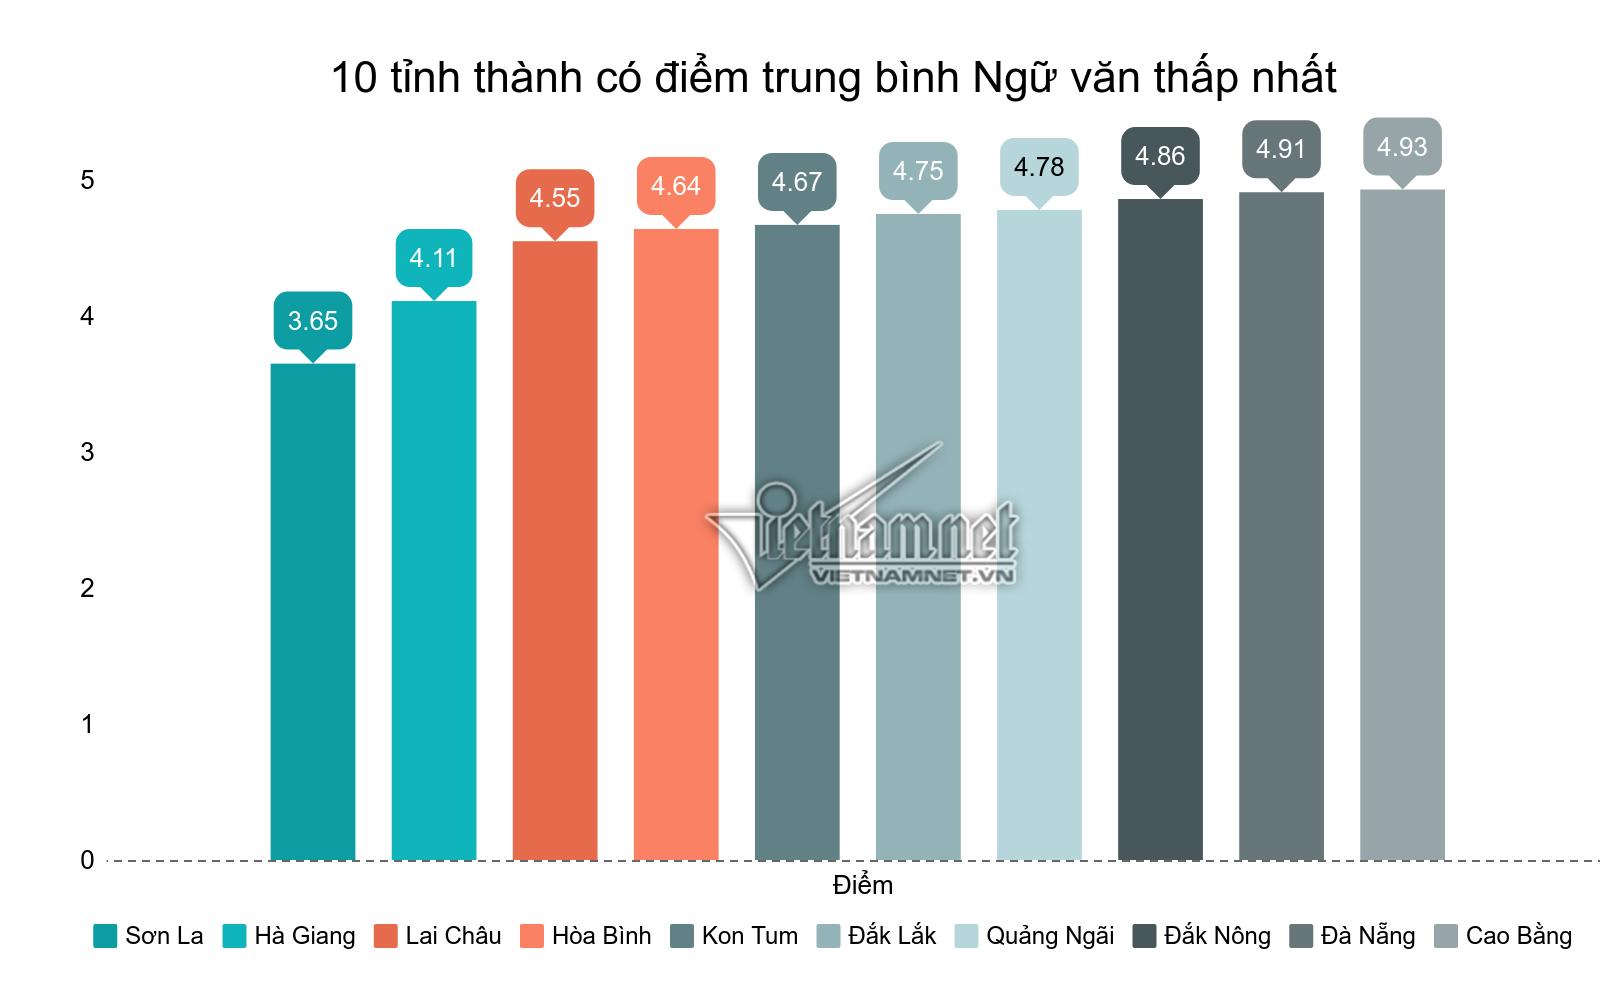 10 địa phương có điểm trung bình môn Ngữ văn cao nhất